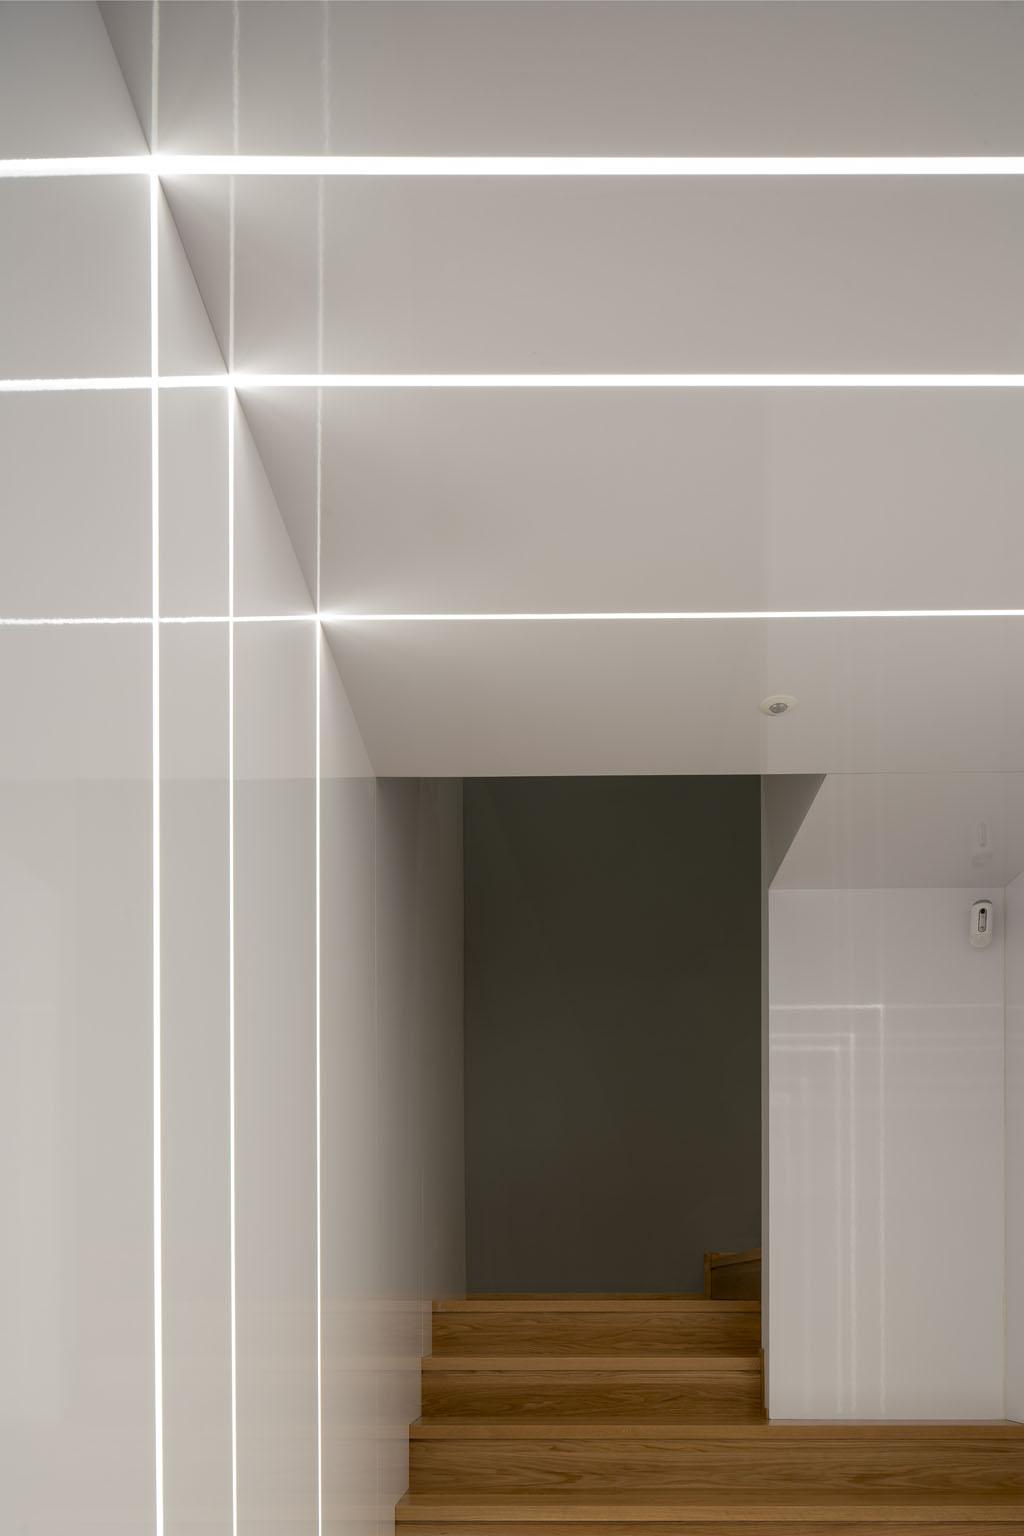 OFICINA_web_004-Erlantz Biderbost fotografo de arquitectura e interiores